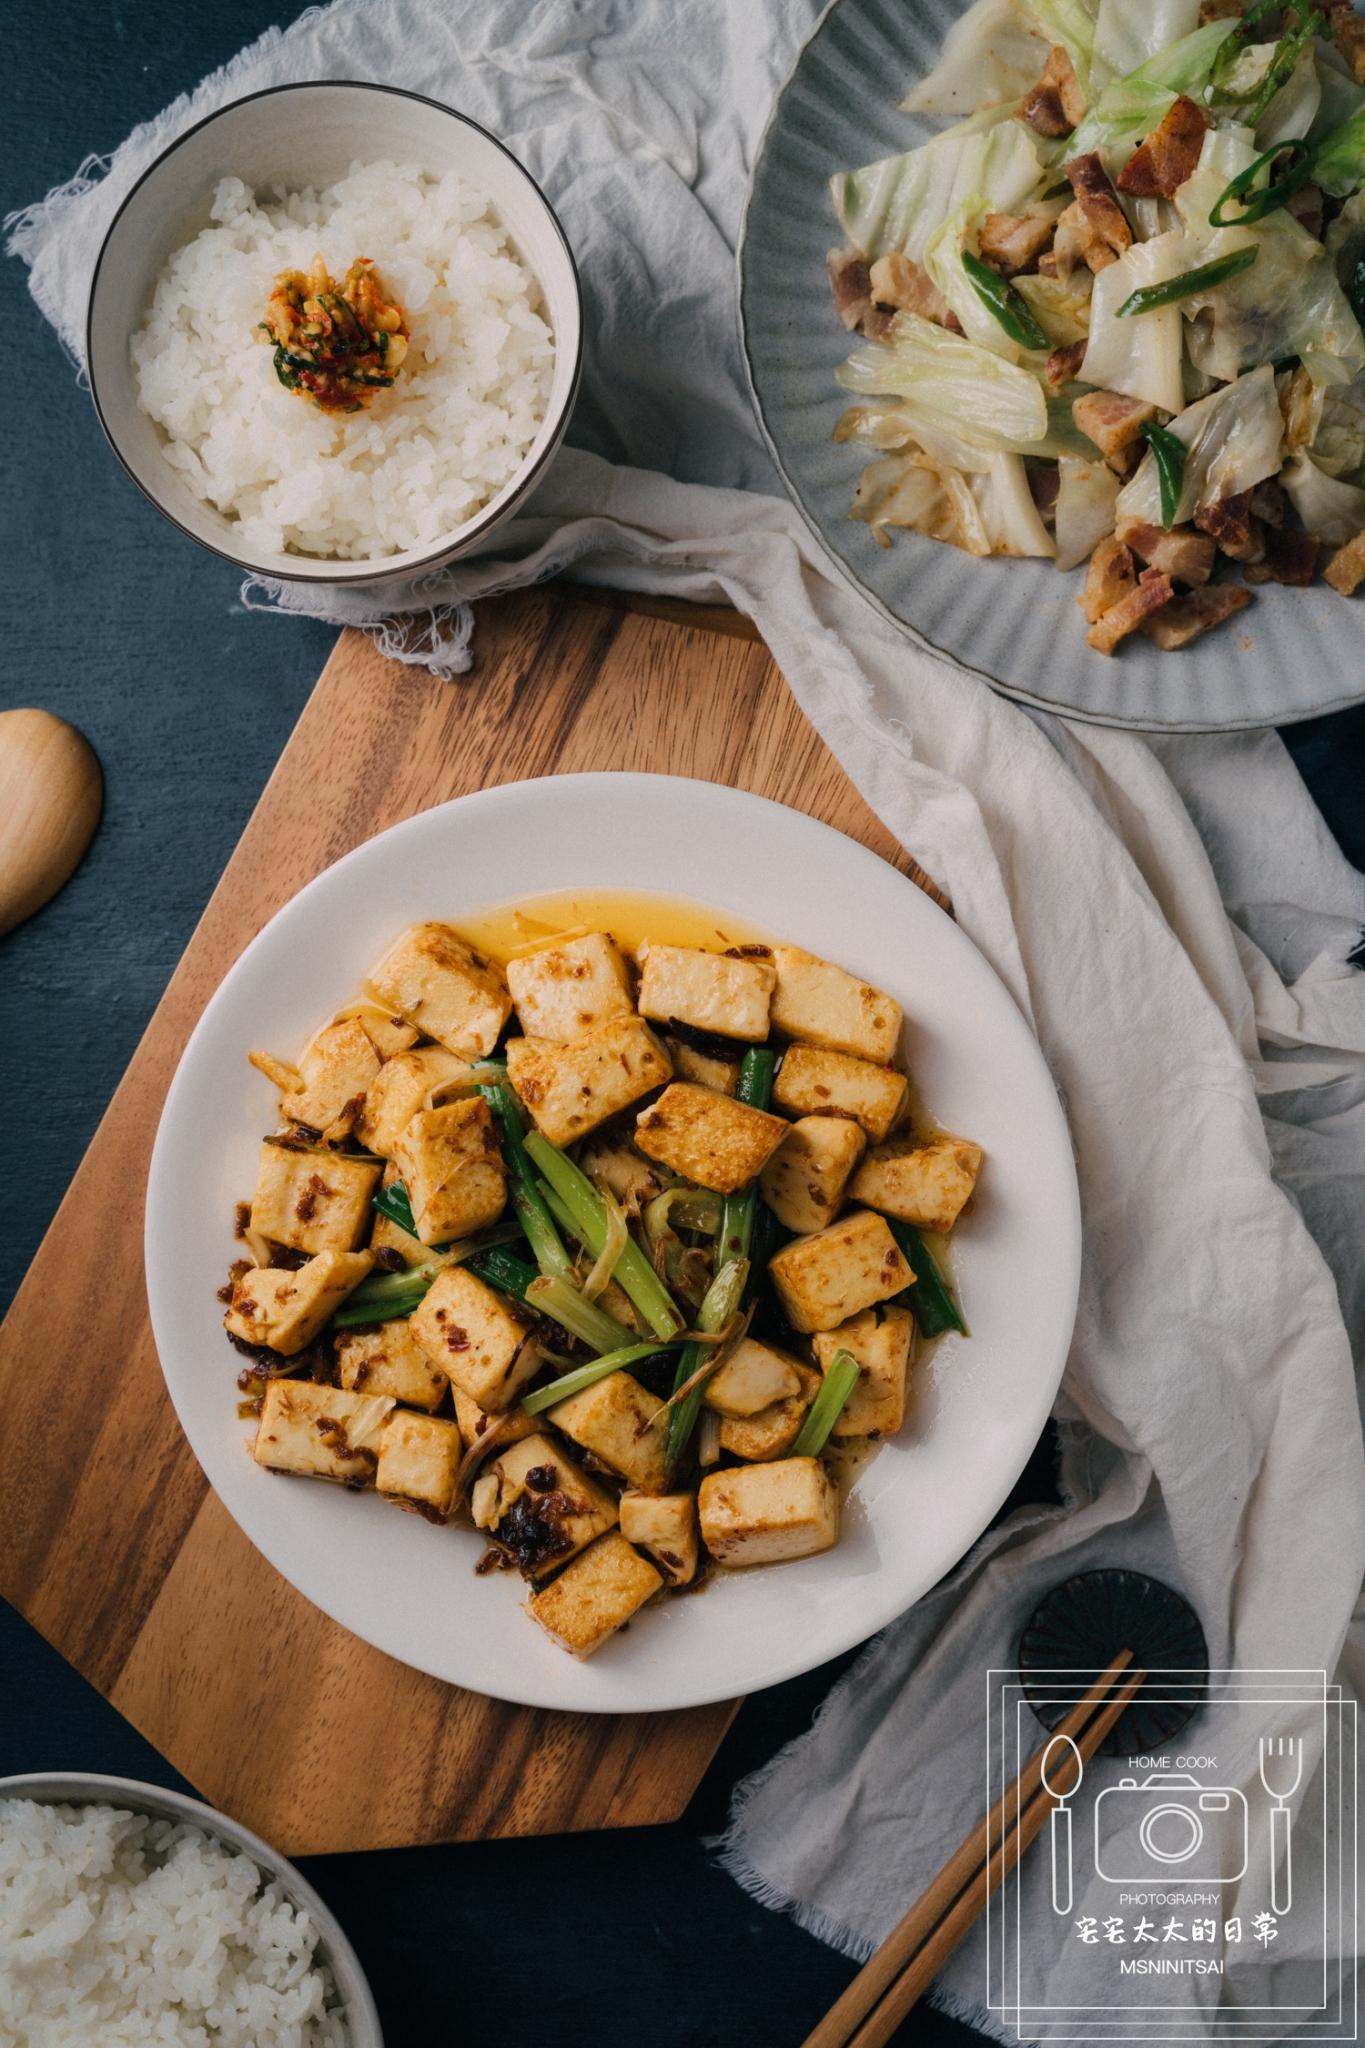 食譜:XO醬黃金豆腐 培根高麗菜,配飯料理食譜【宅宅太太的日常】